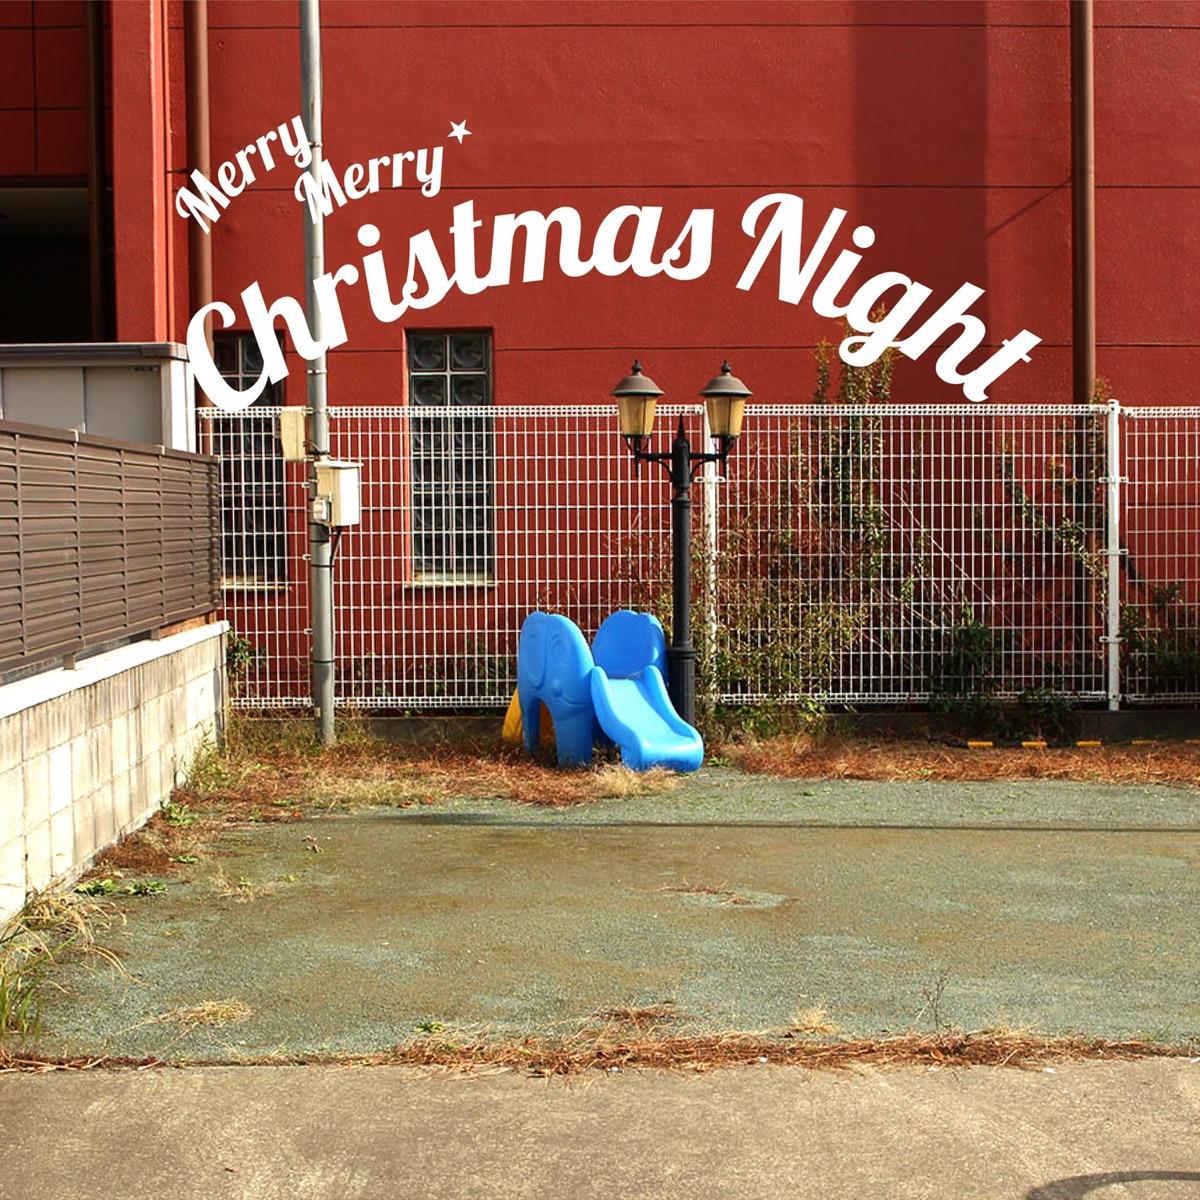 『岡崎体育 - Merry Merry Christmas Night』収録の『Merry Merry Christmas Night』ジャケット